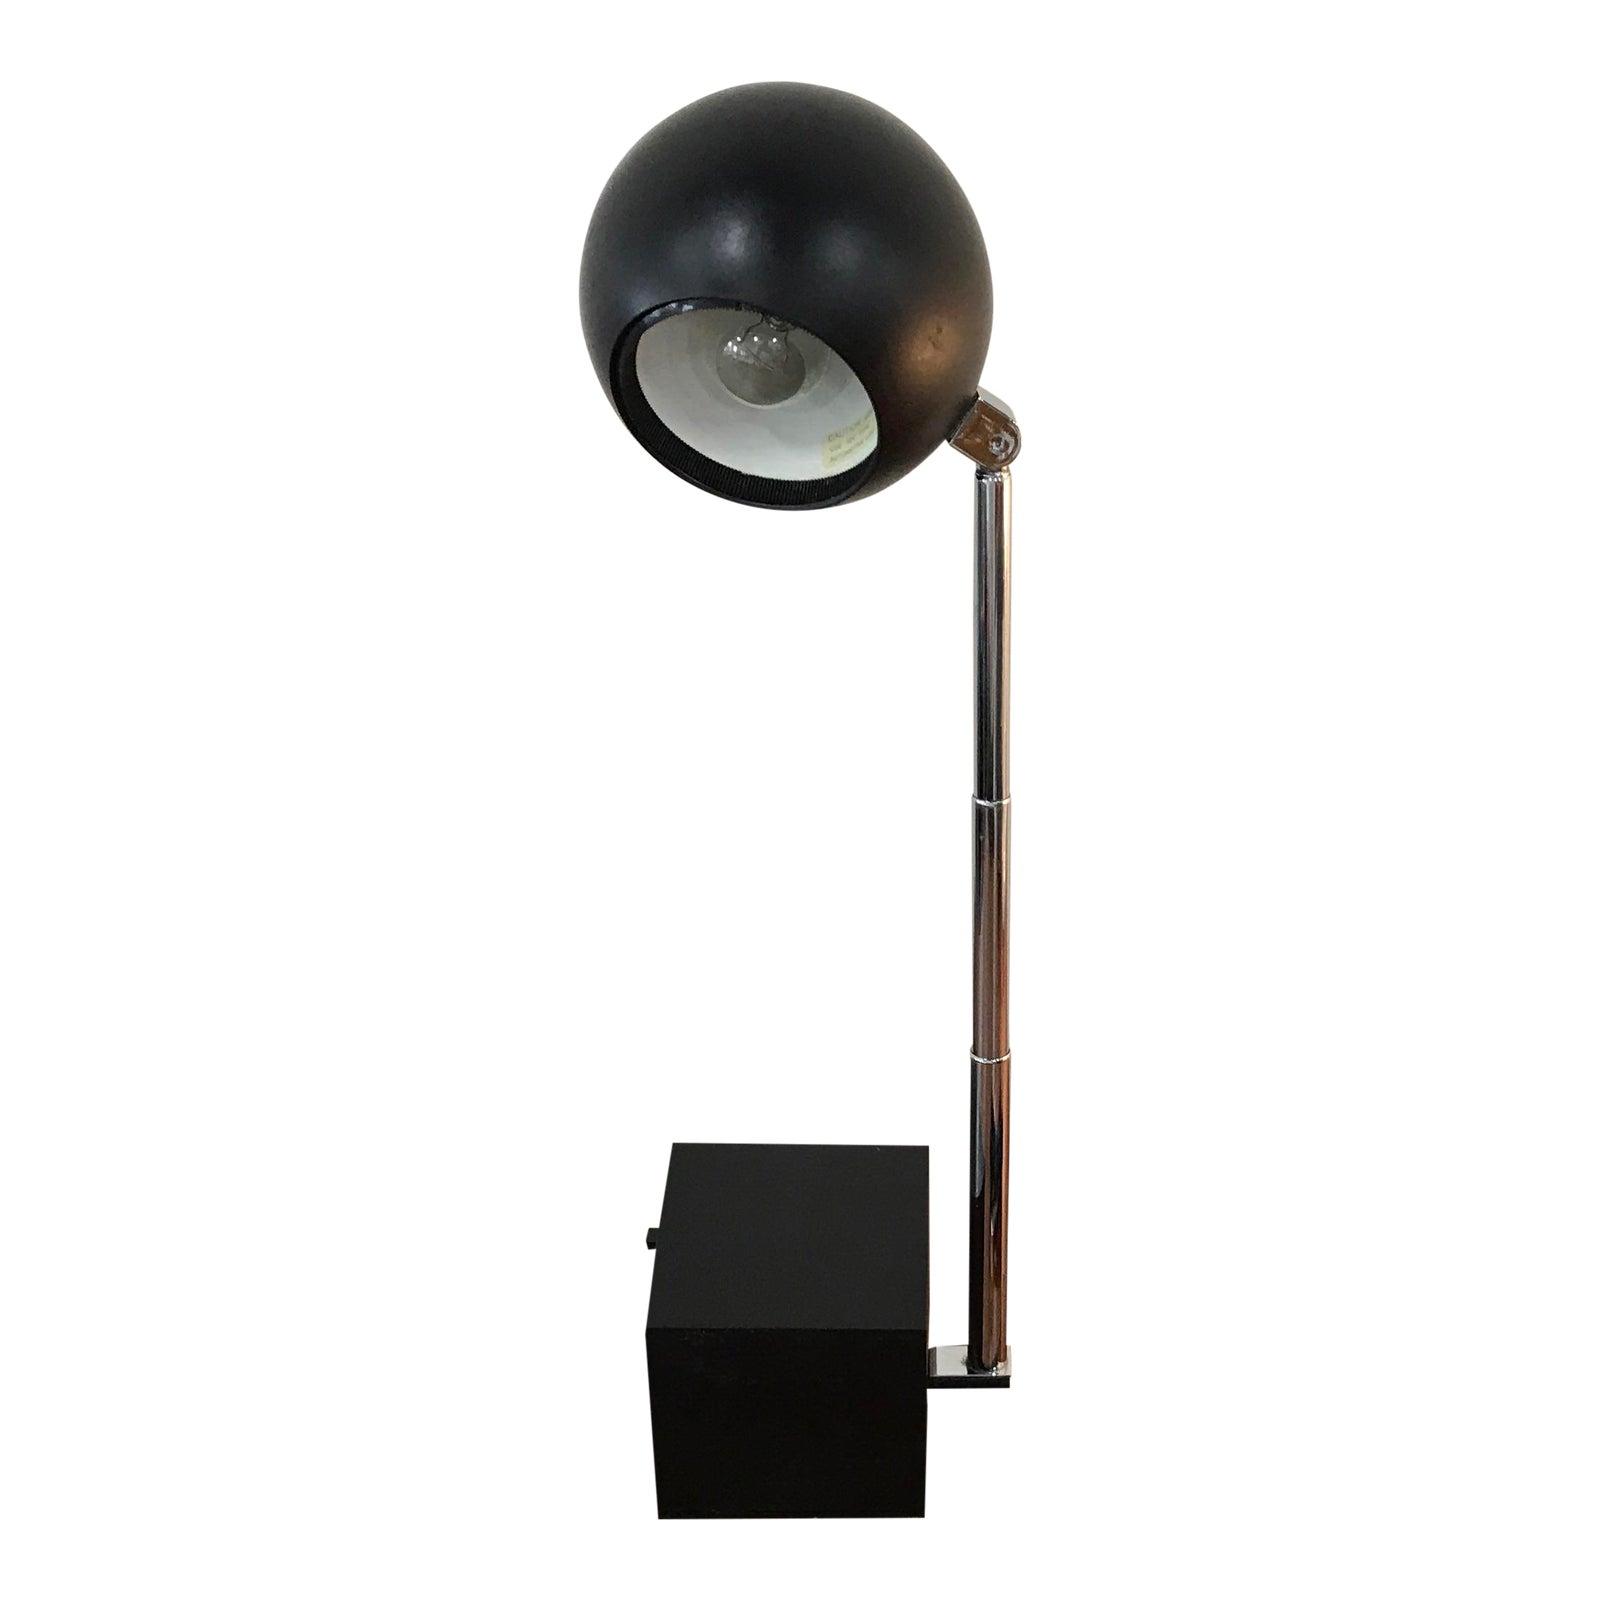 modern mid chrome lighting items century lamp eyeball modernism mg floor lamps